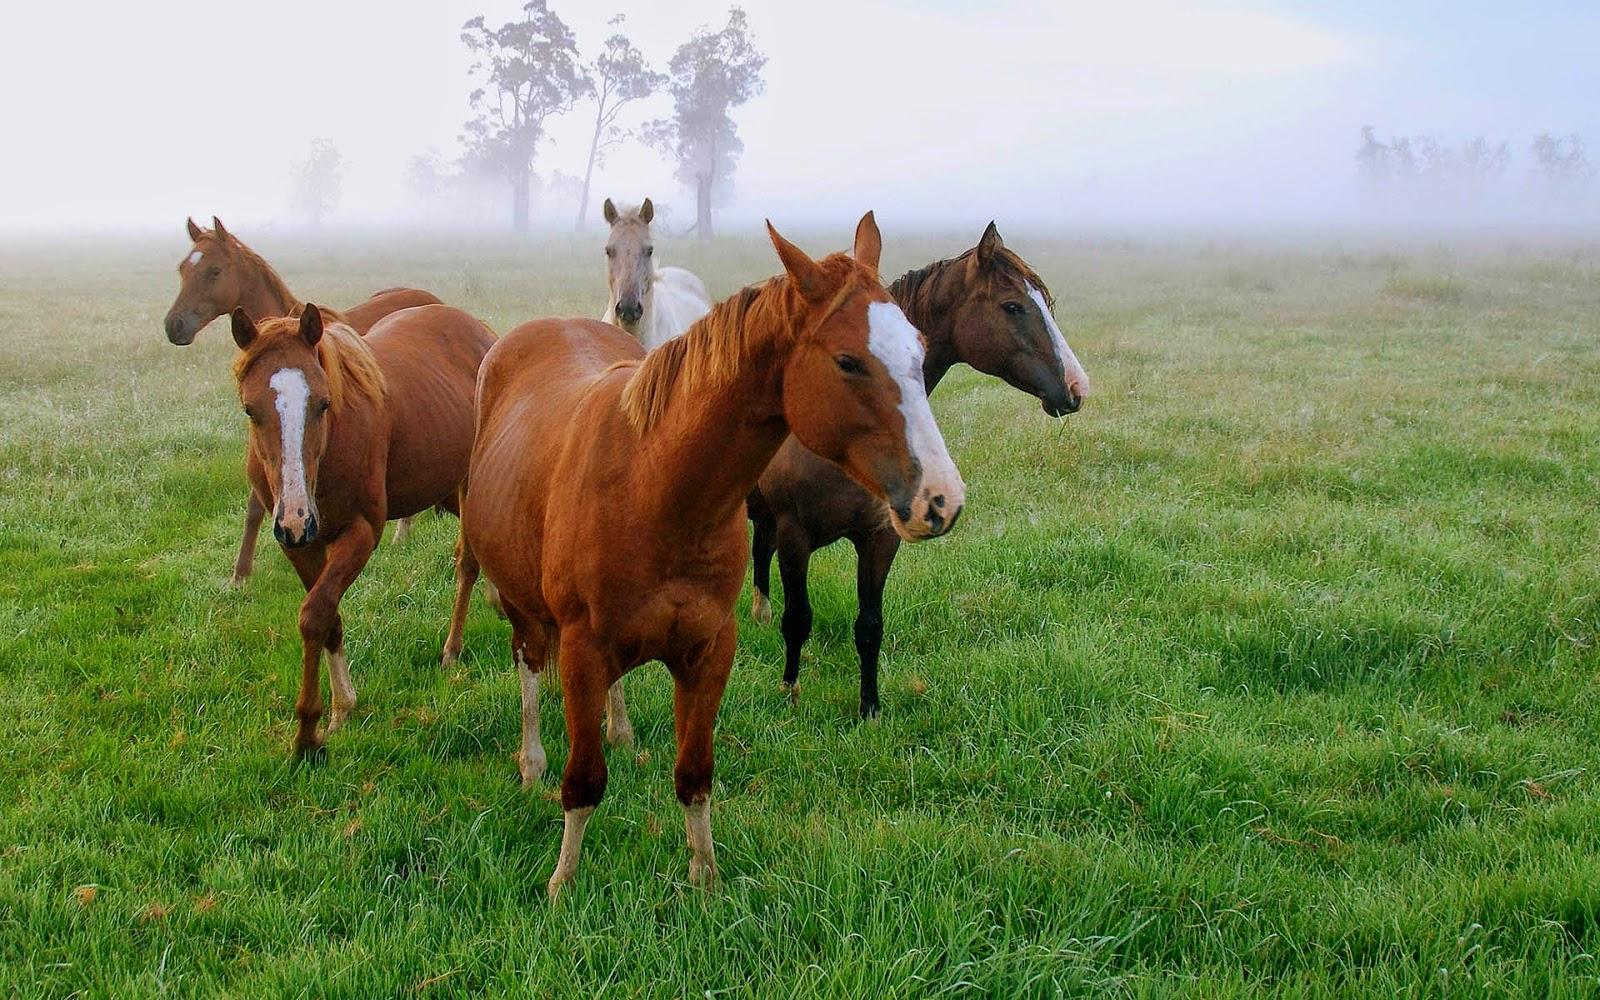 Wallpaper met paarden met mist